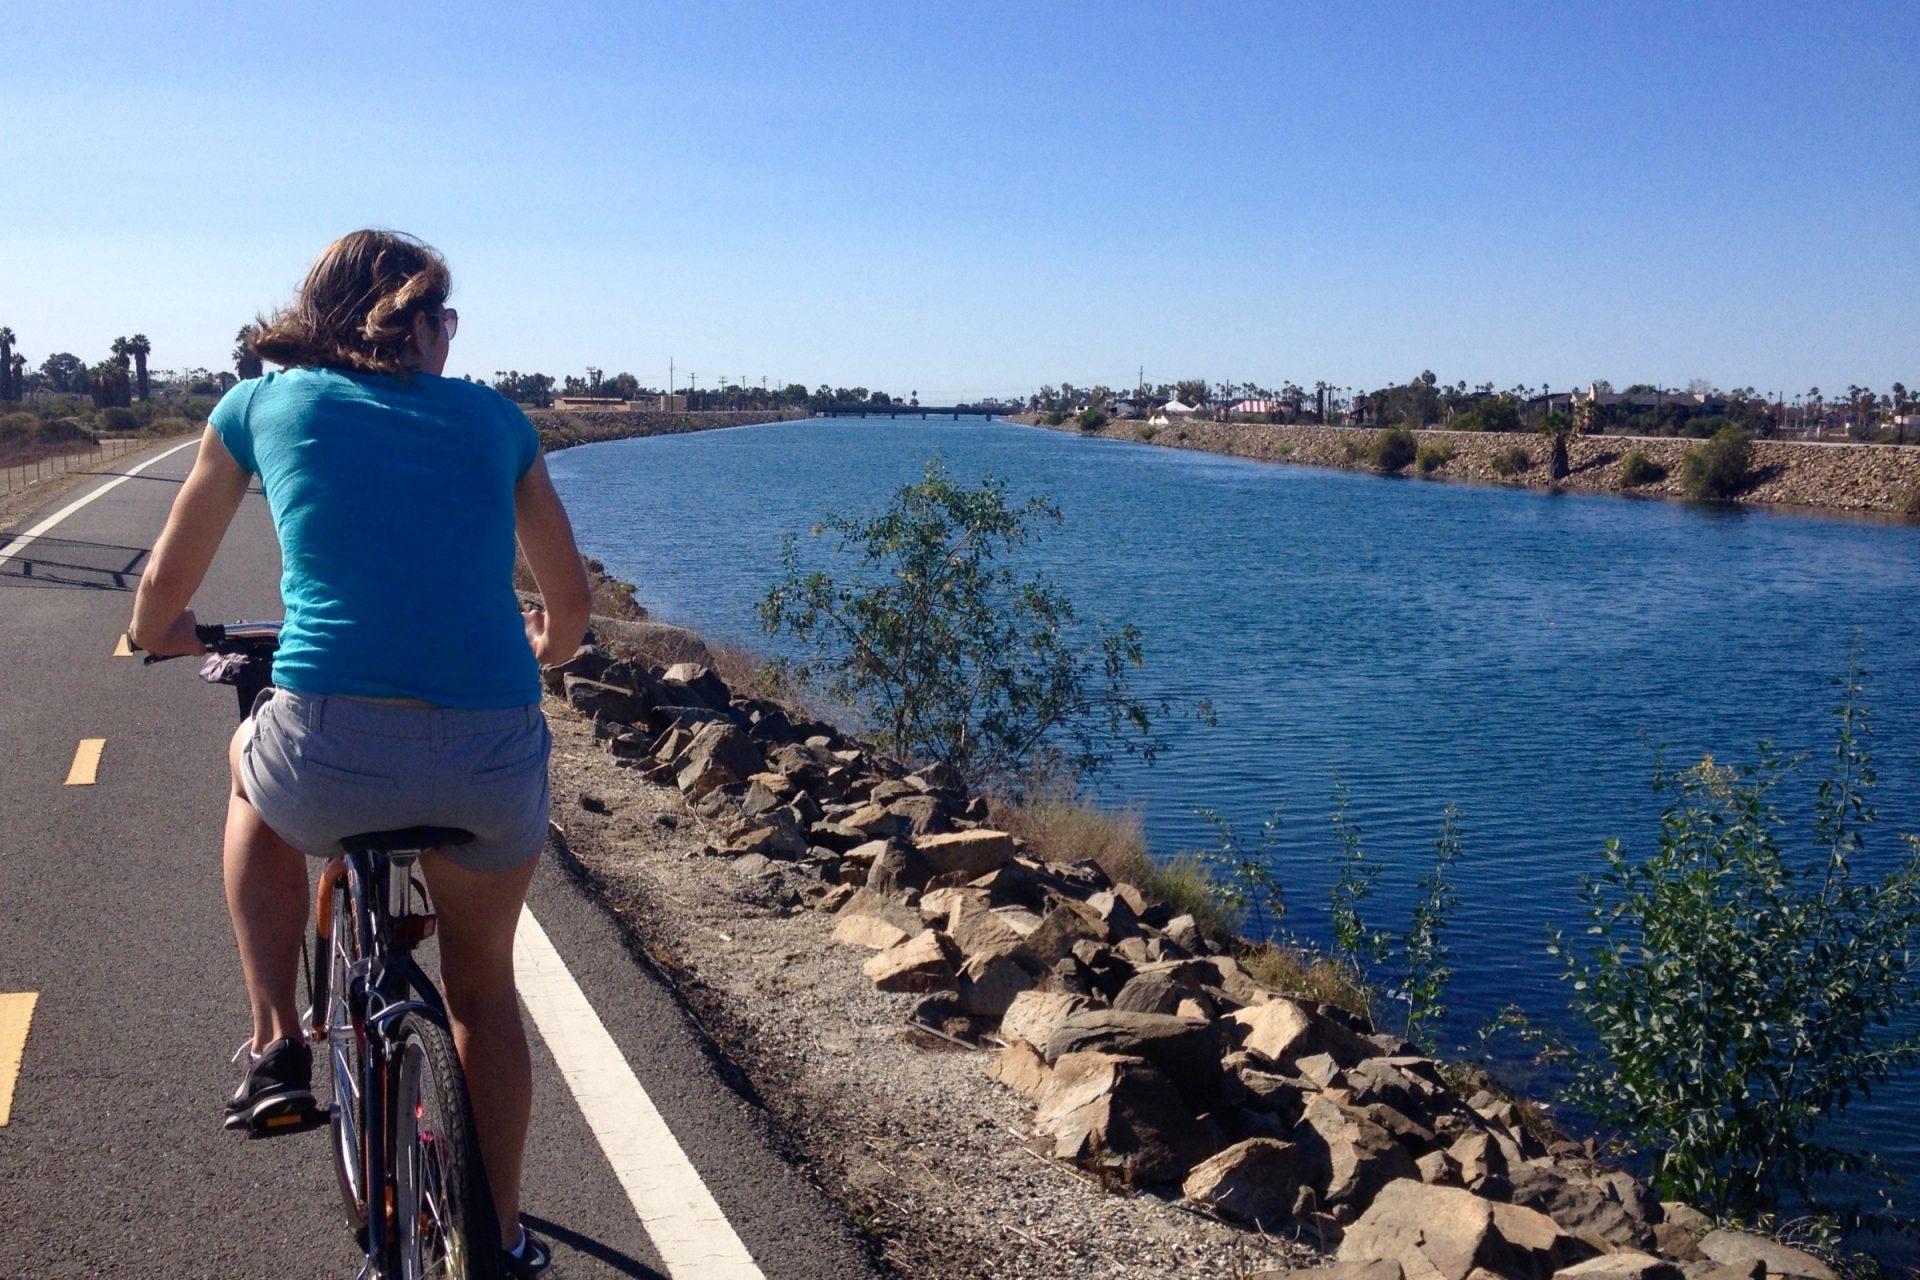 Woman Riding Bike on Path Along River